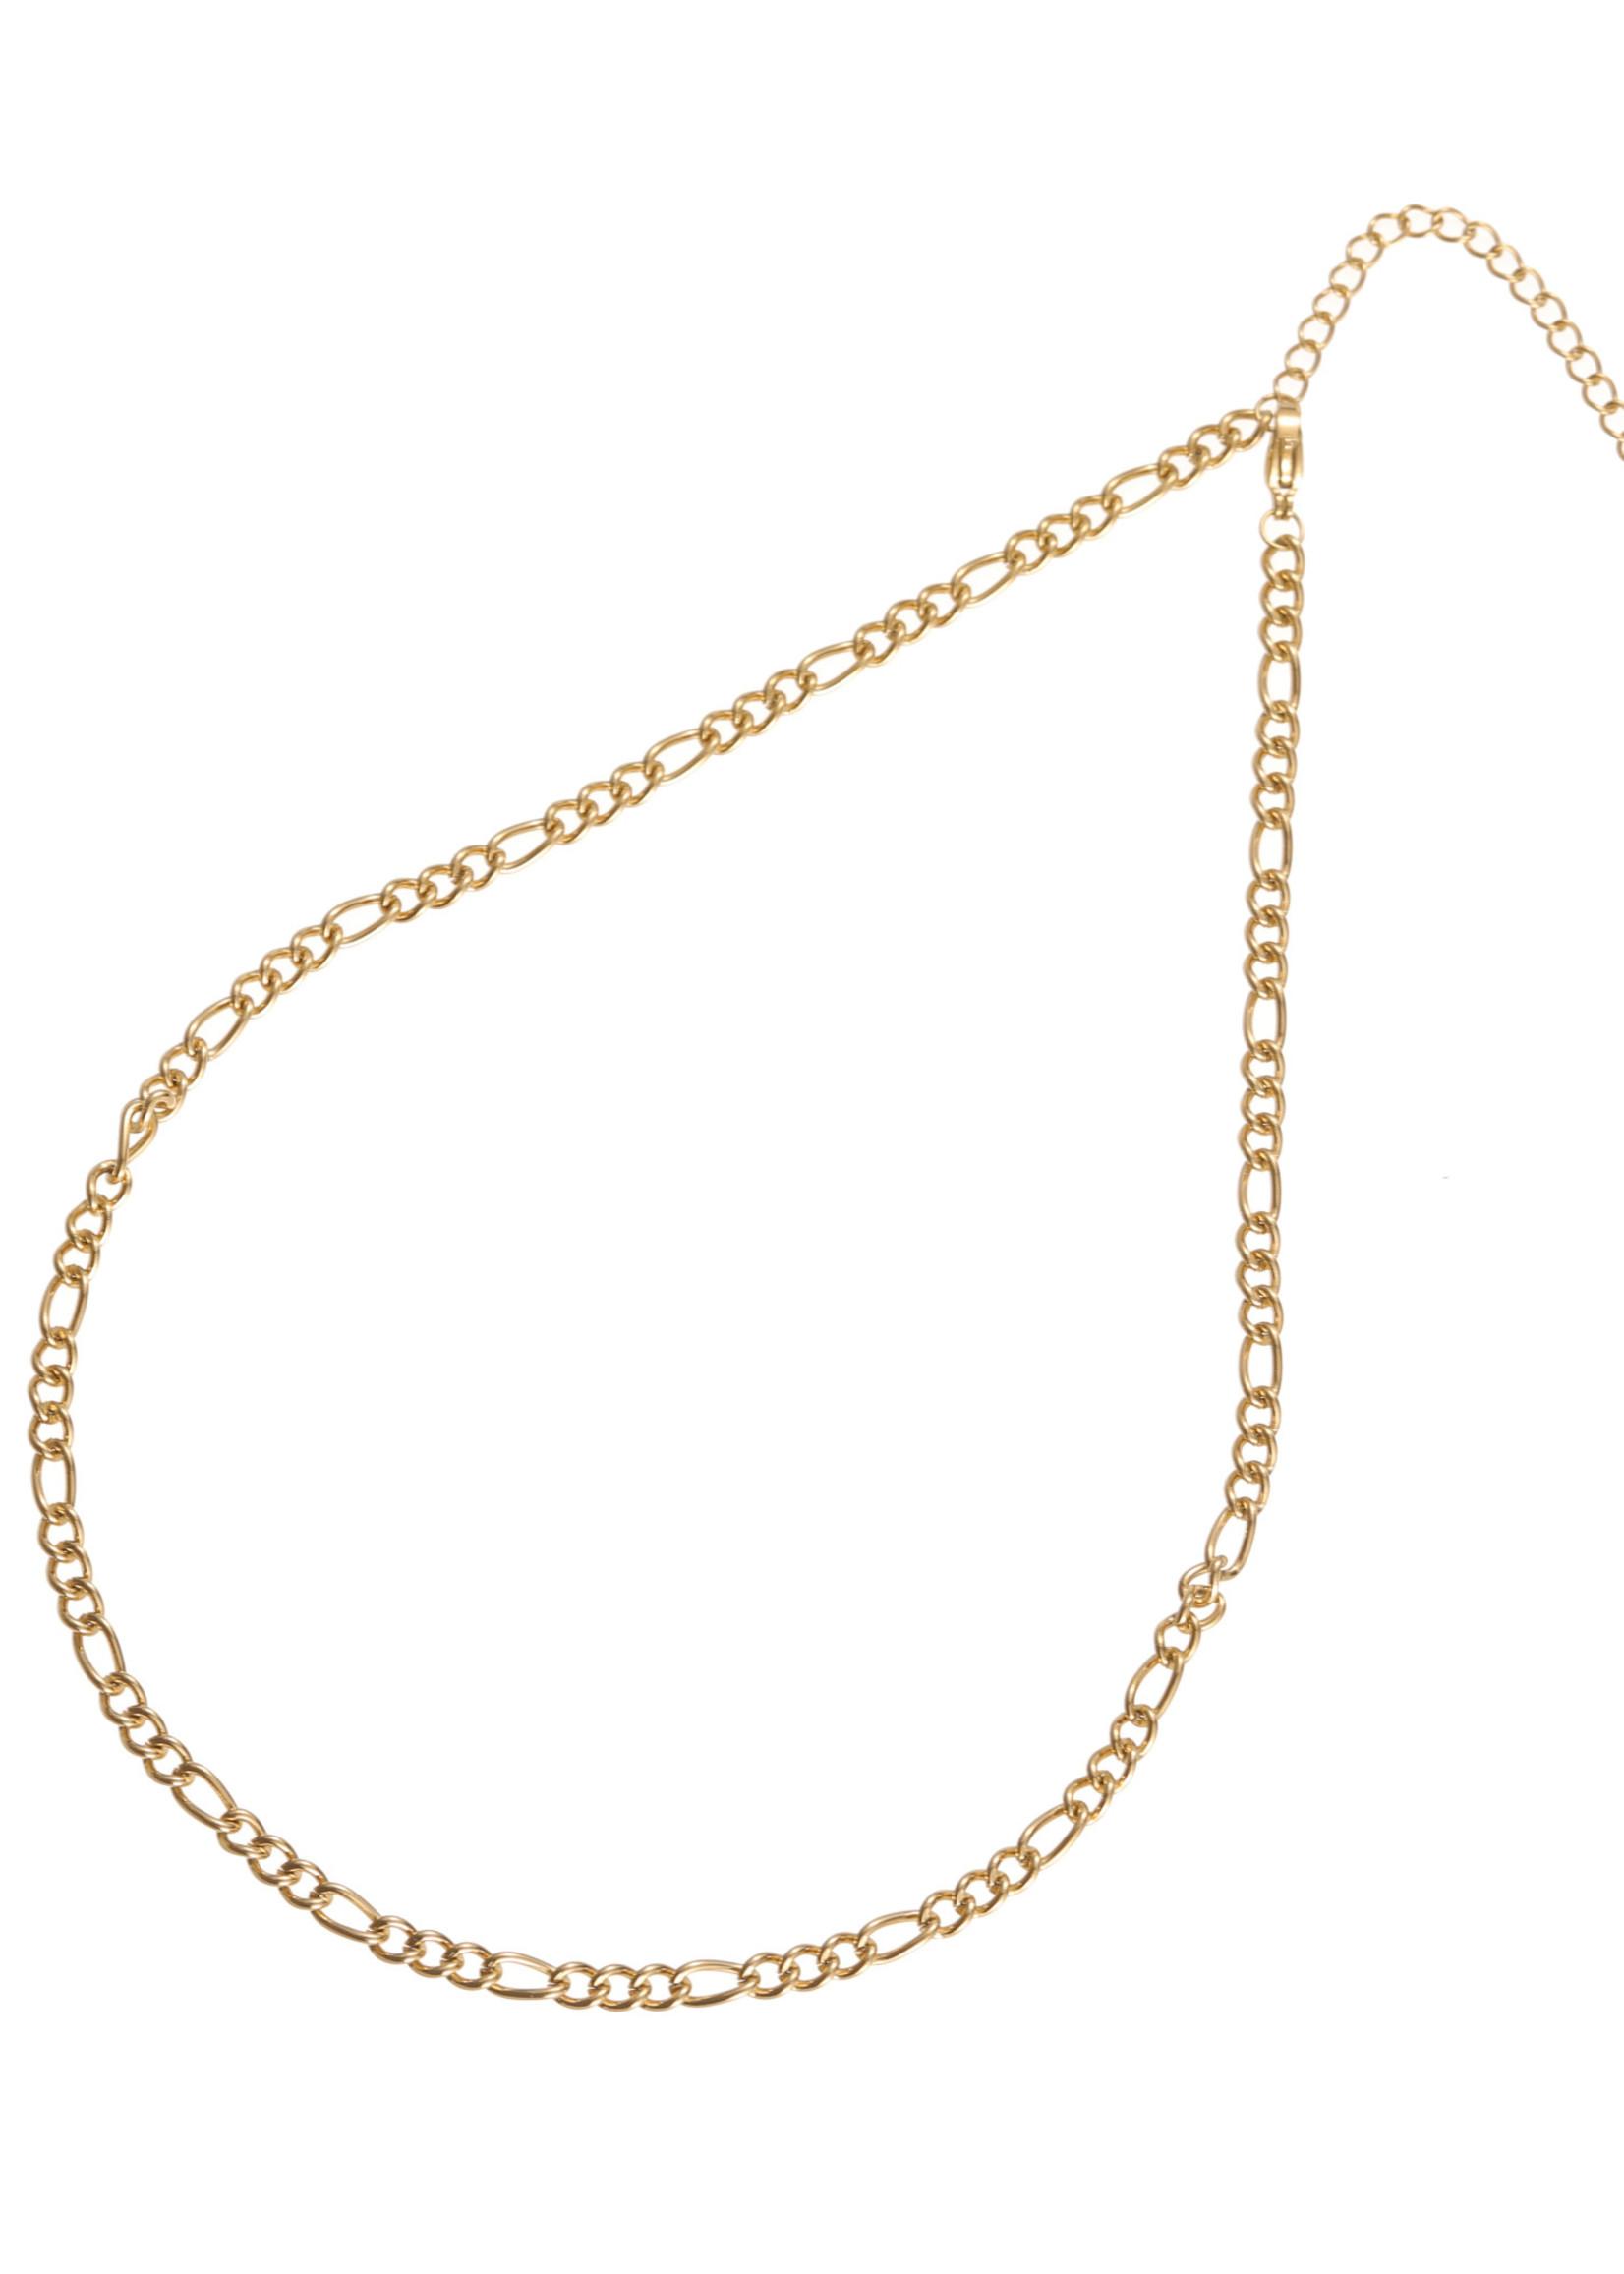 Ketting goud met verschillende schakels N1860-2